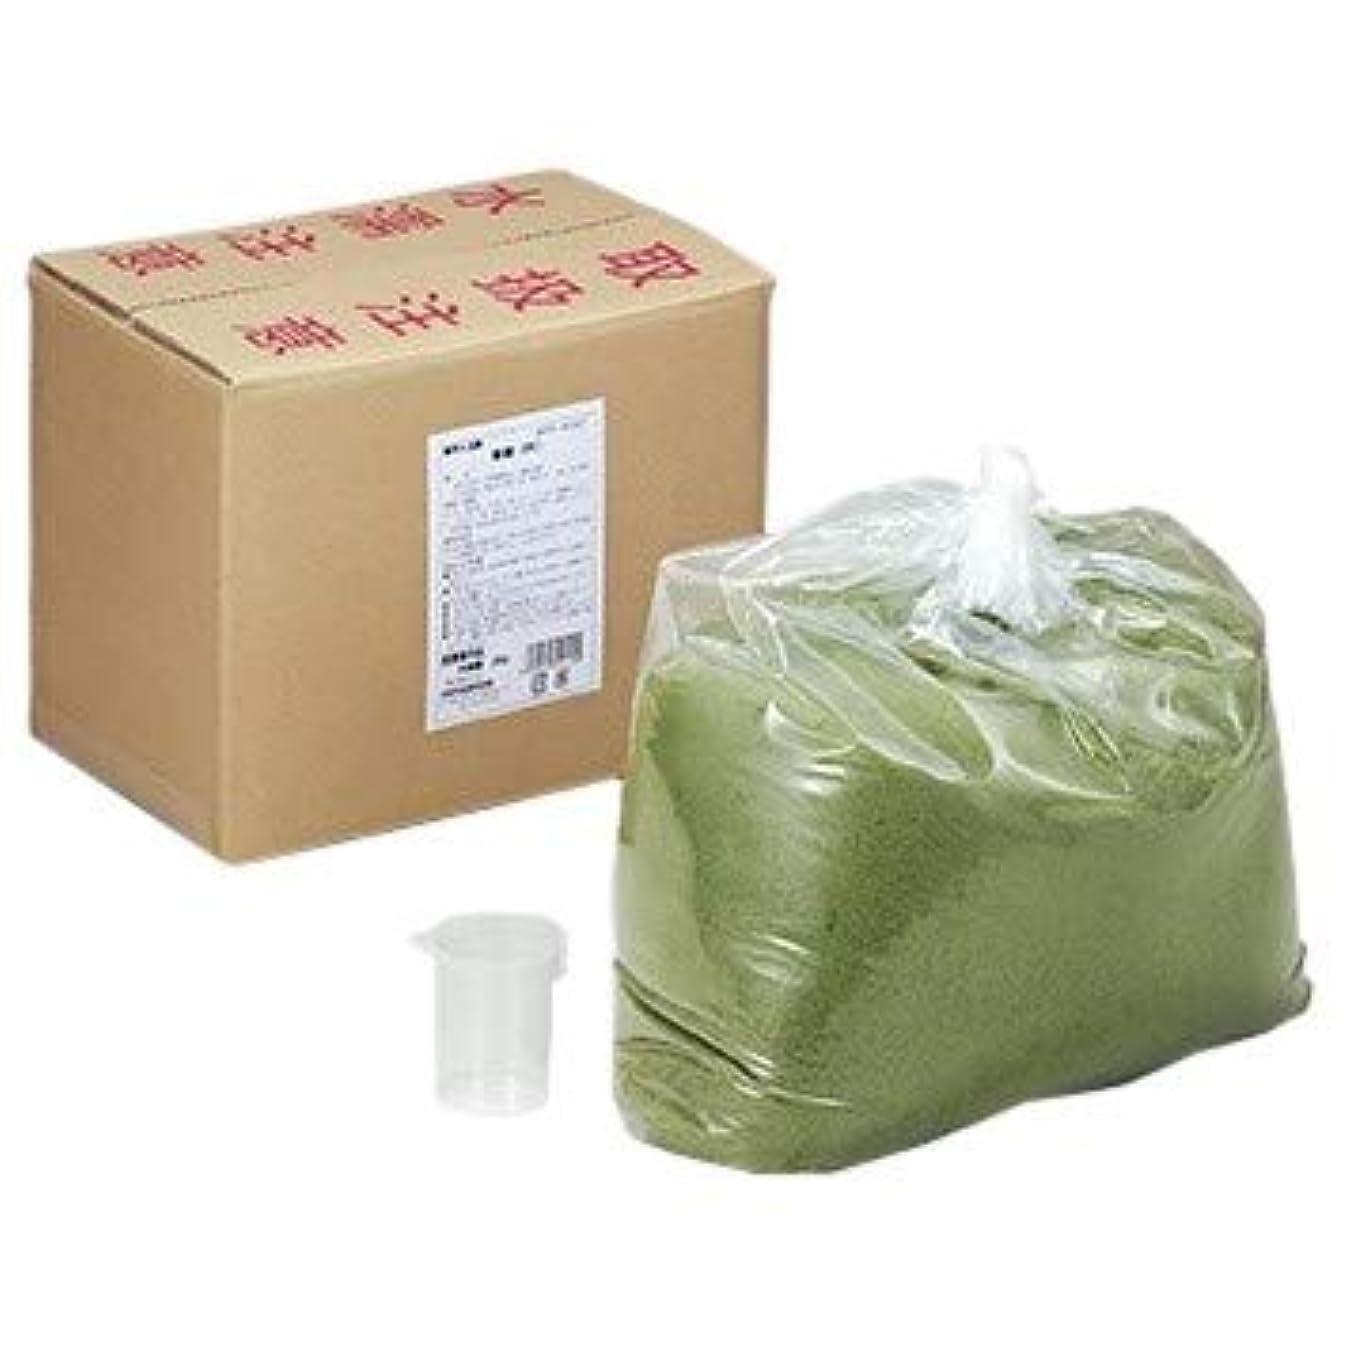 カカドゥモルヒネファイター新緑 業務用 20kg 入浴剤 医薬部外品